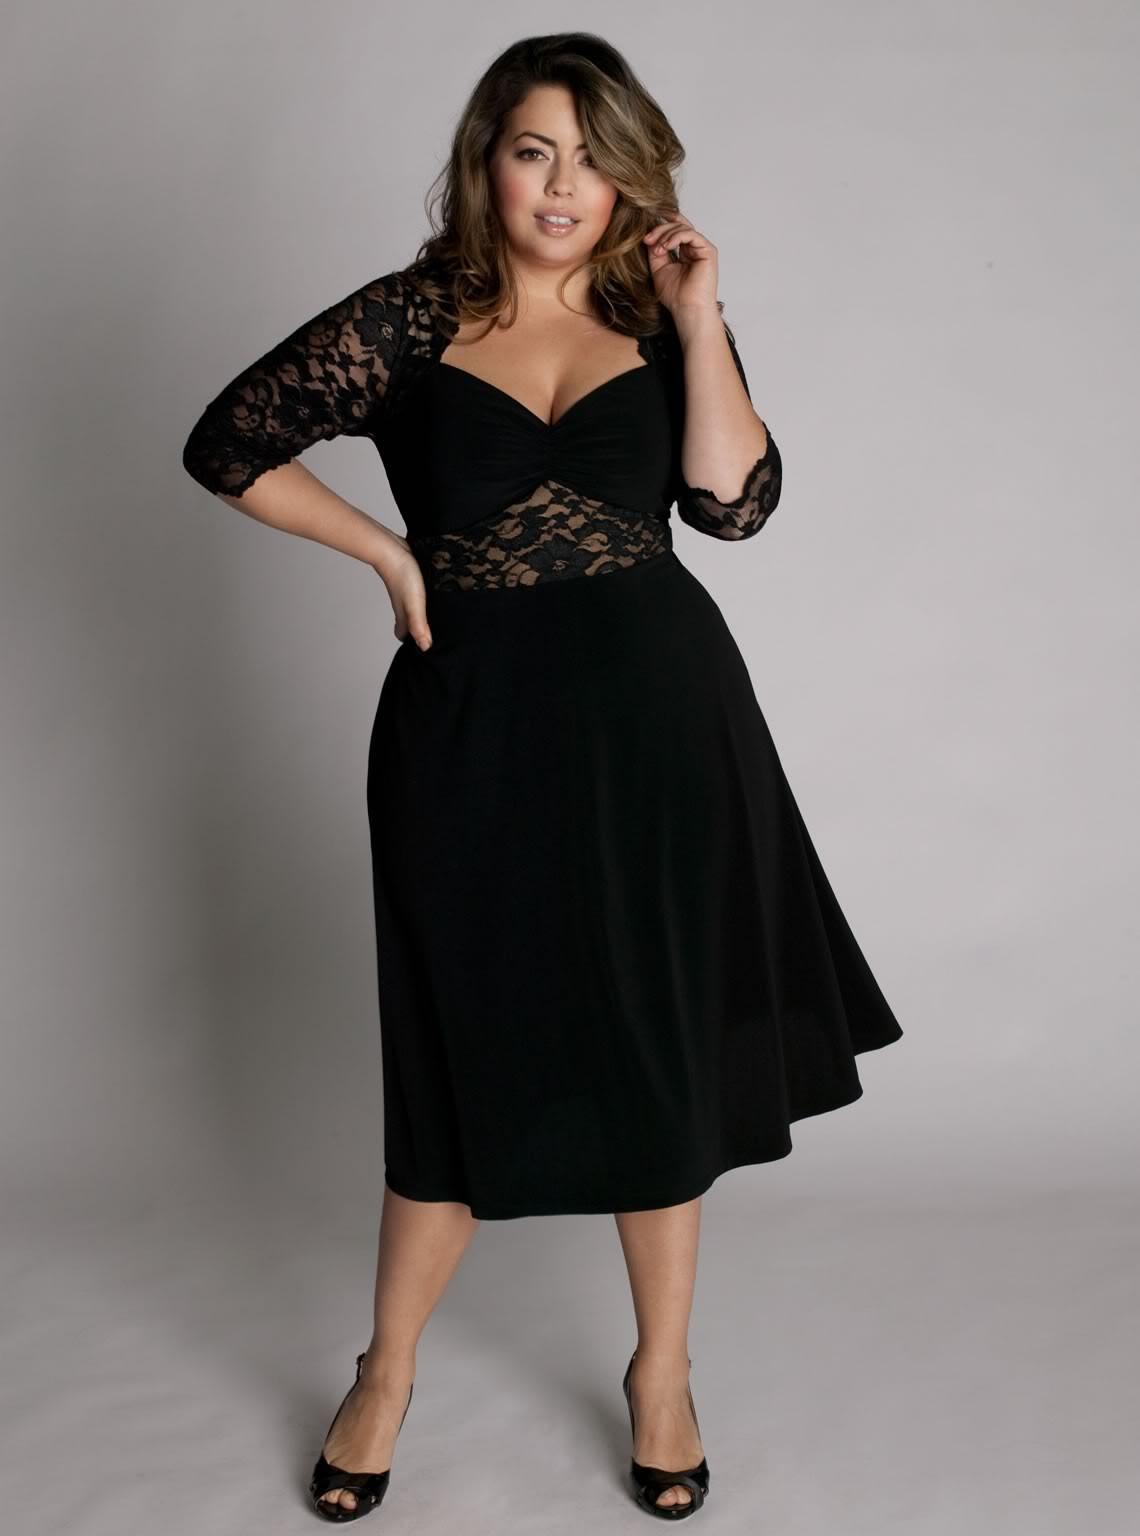 Модель короткого платья для полных